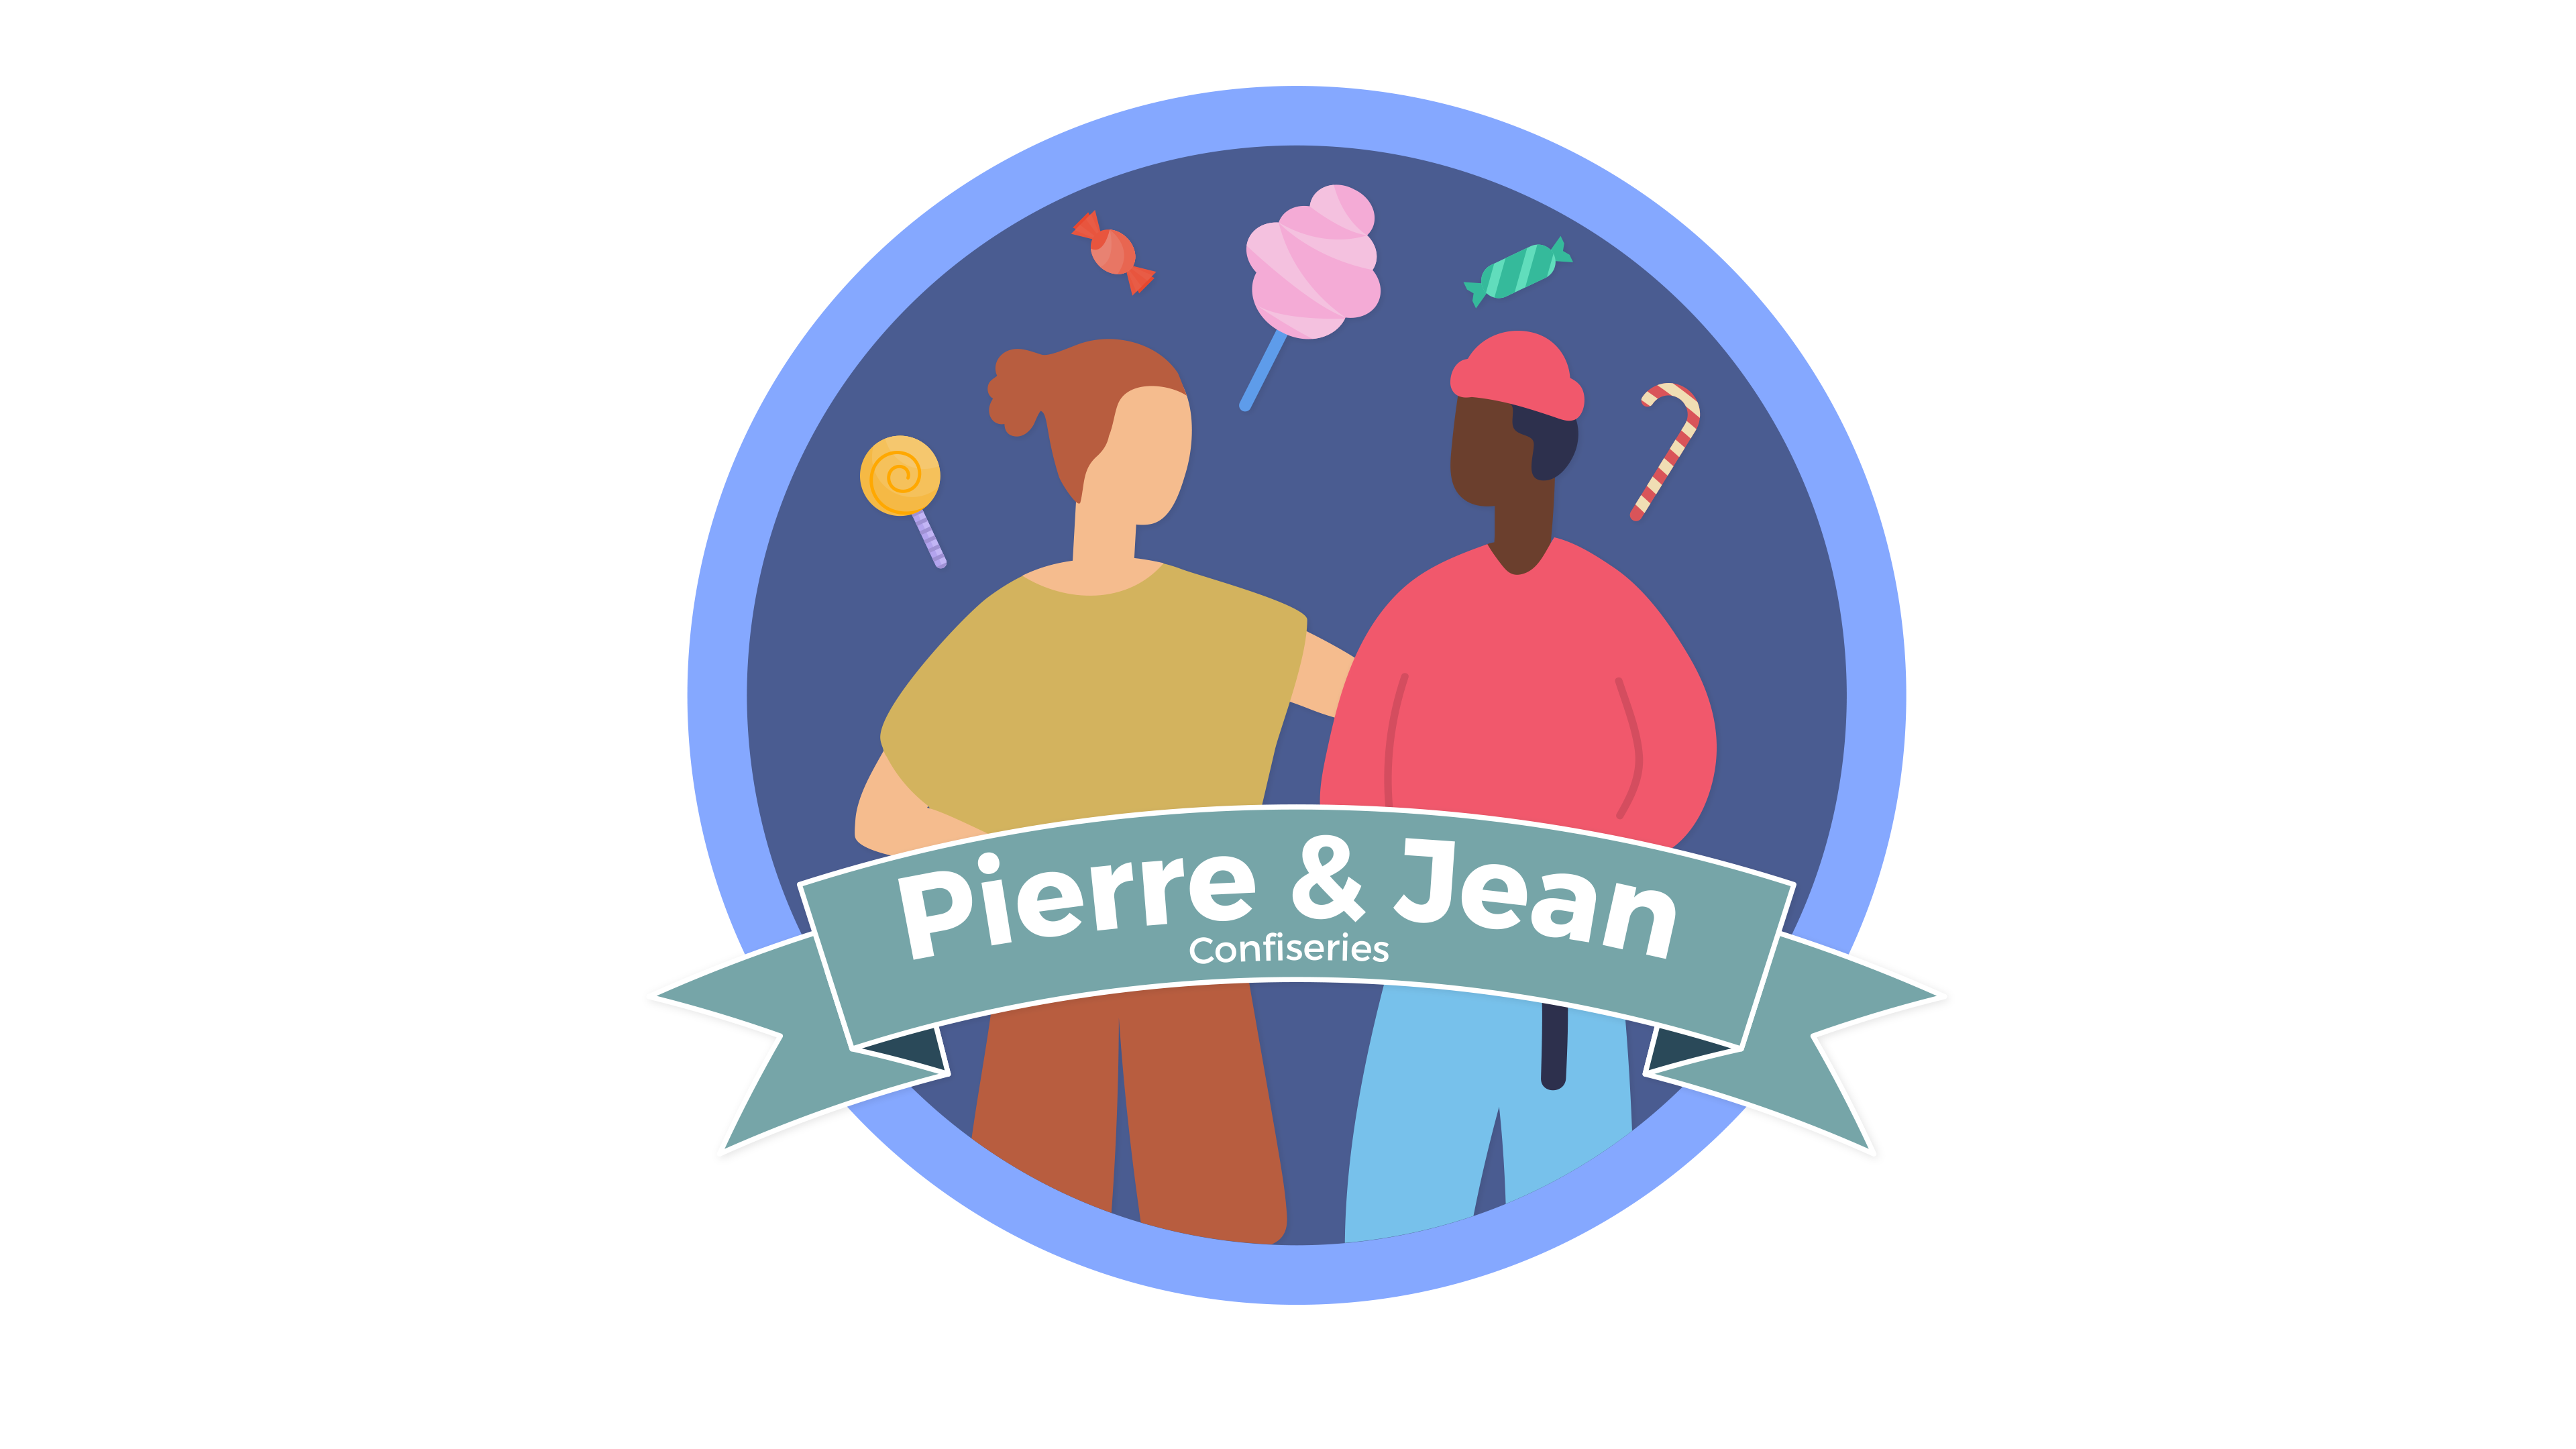 La société de Pierre et Jean, que nous allons étudier tout au long du cours